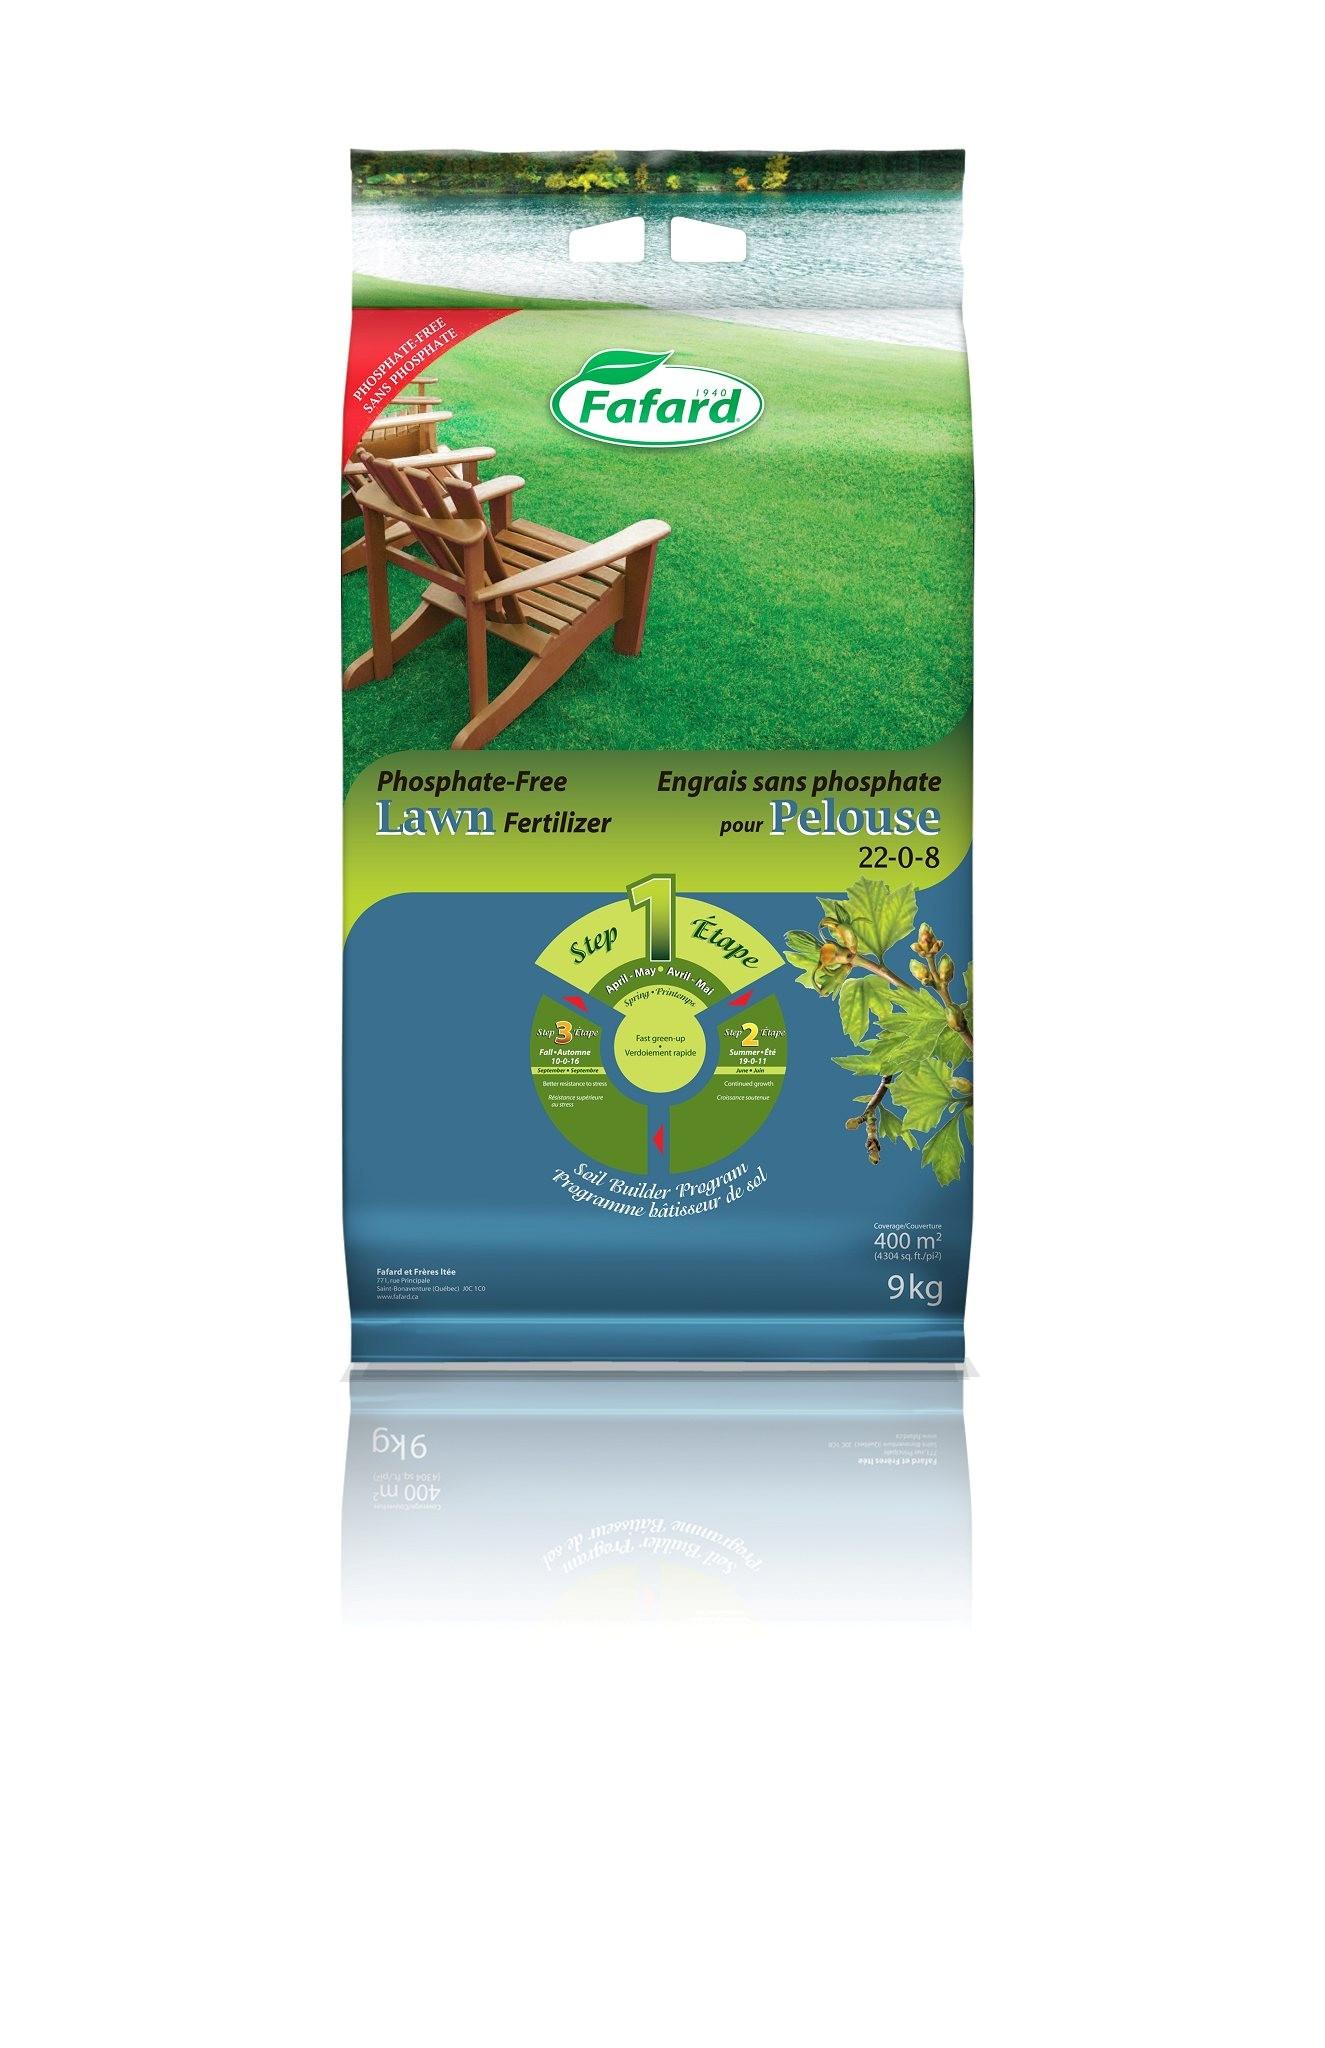 Engrais pelouse printemps 22 0 8 fafard nos produits horticoles et de jardinage jardin2m - Engrais gazon printemps ...